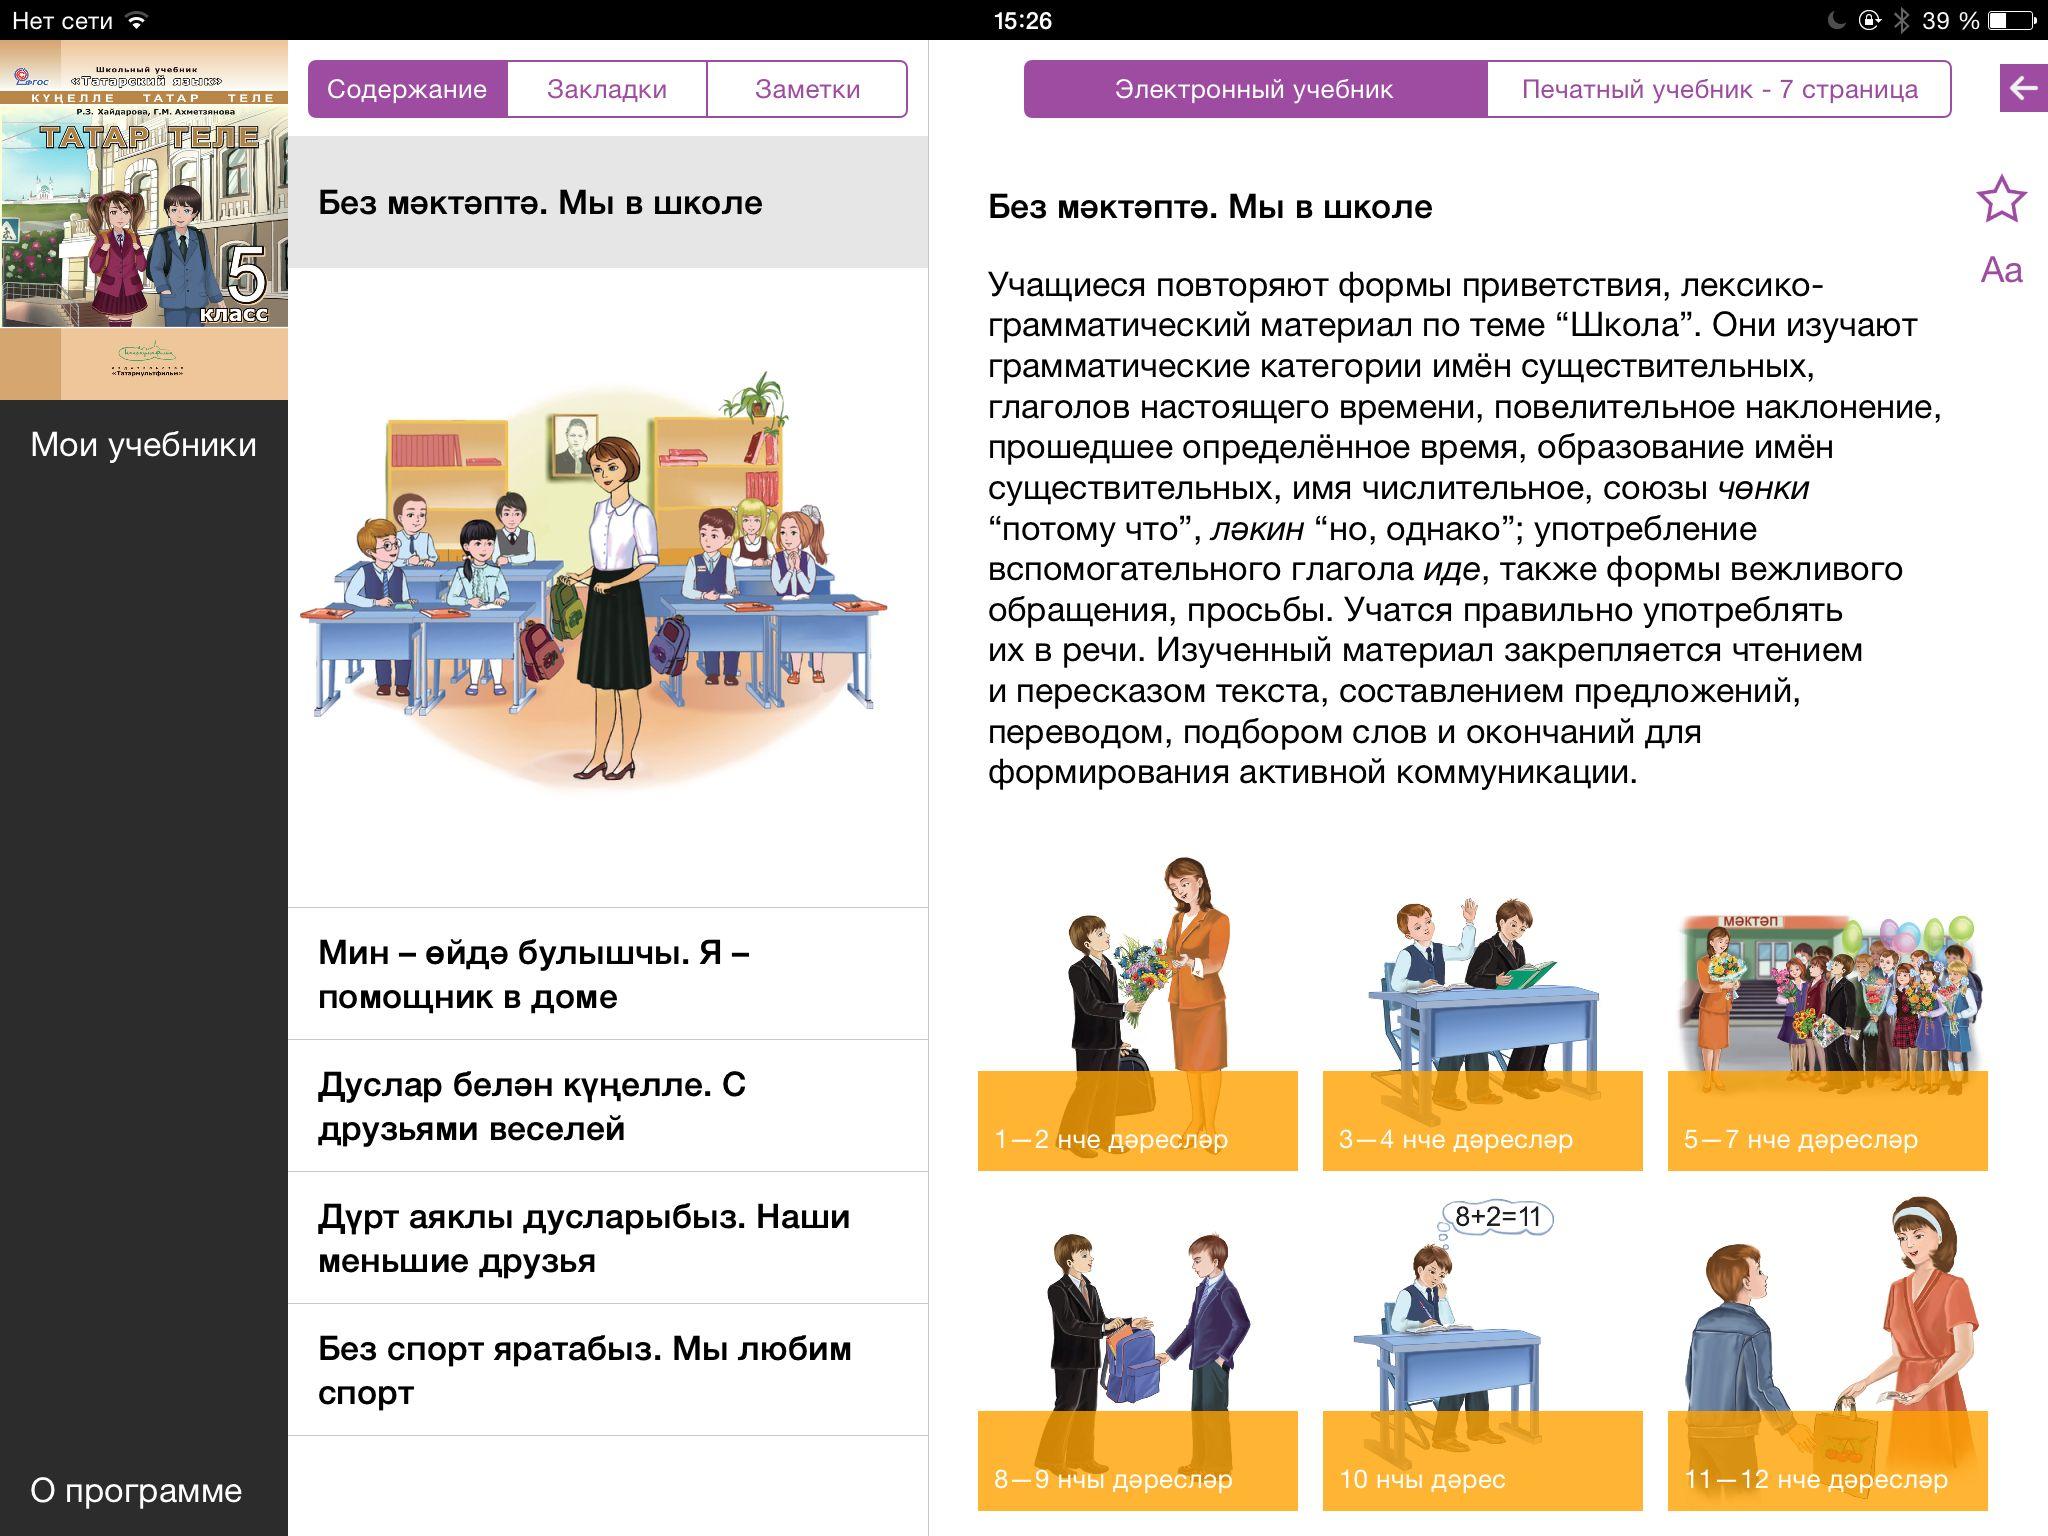 решебник по татарскому 8 класс закиев